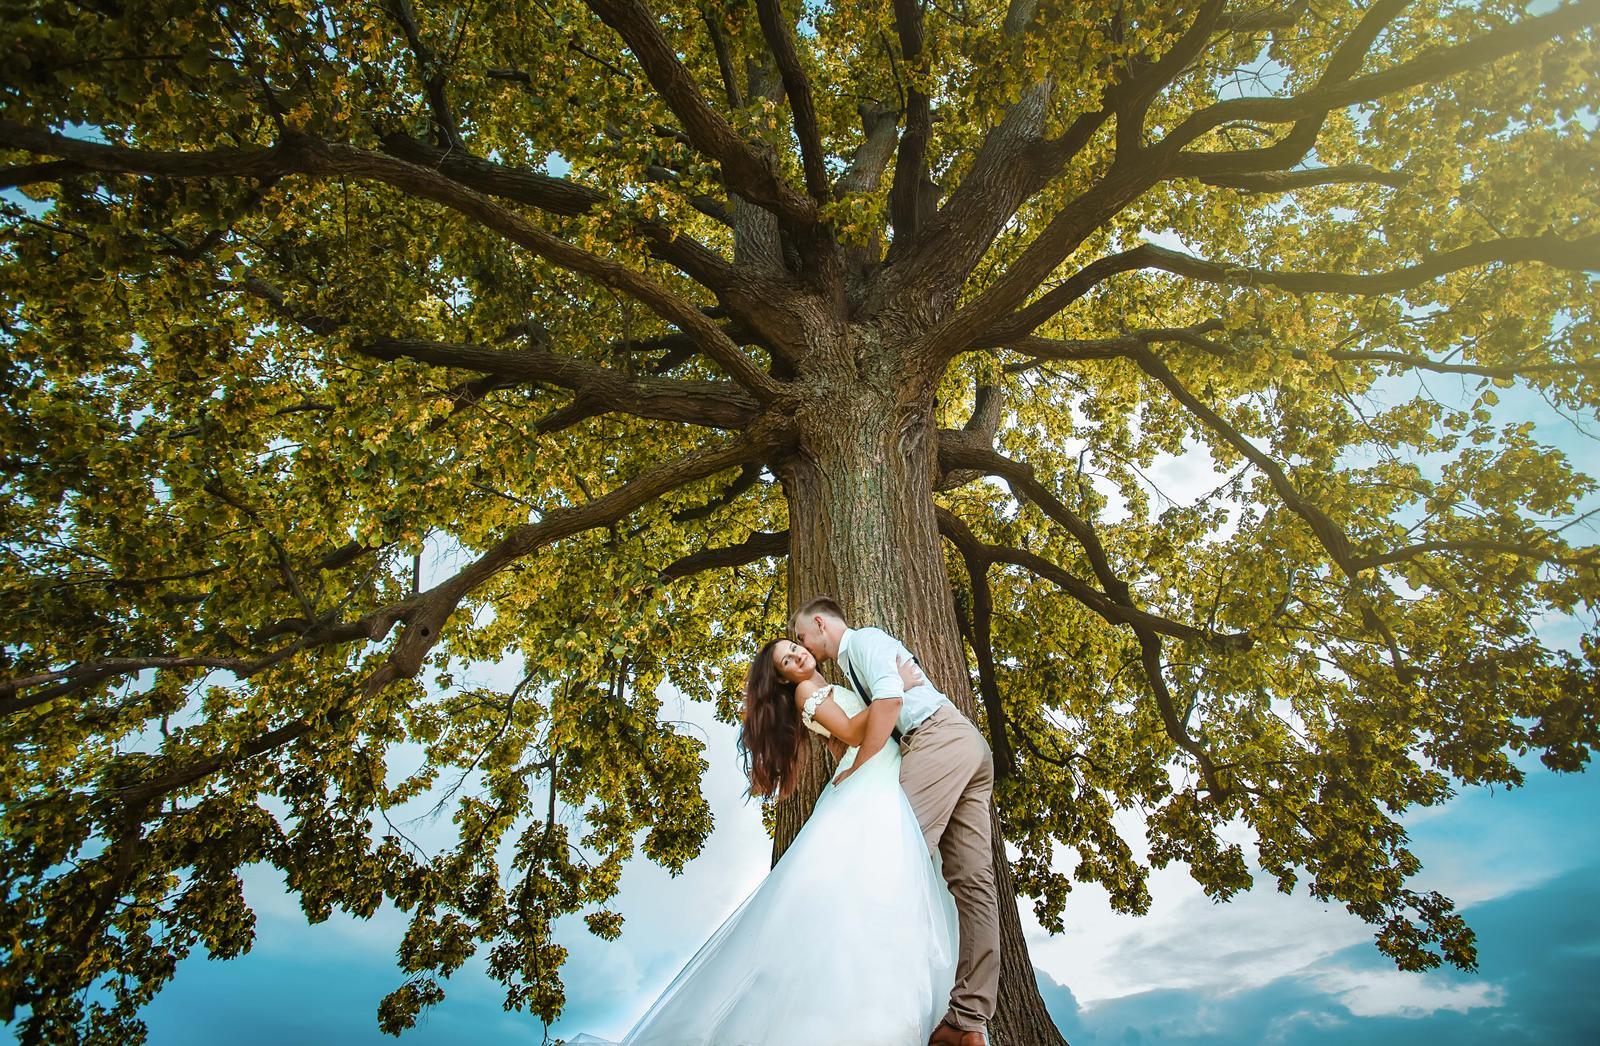 Weddings 👰2019 - Obrázek č. 15